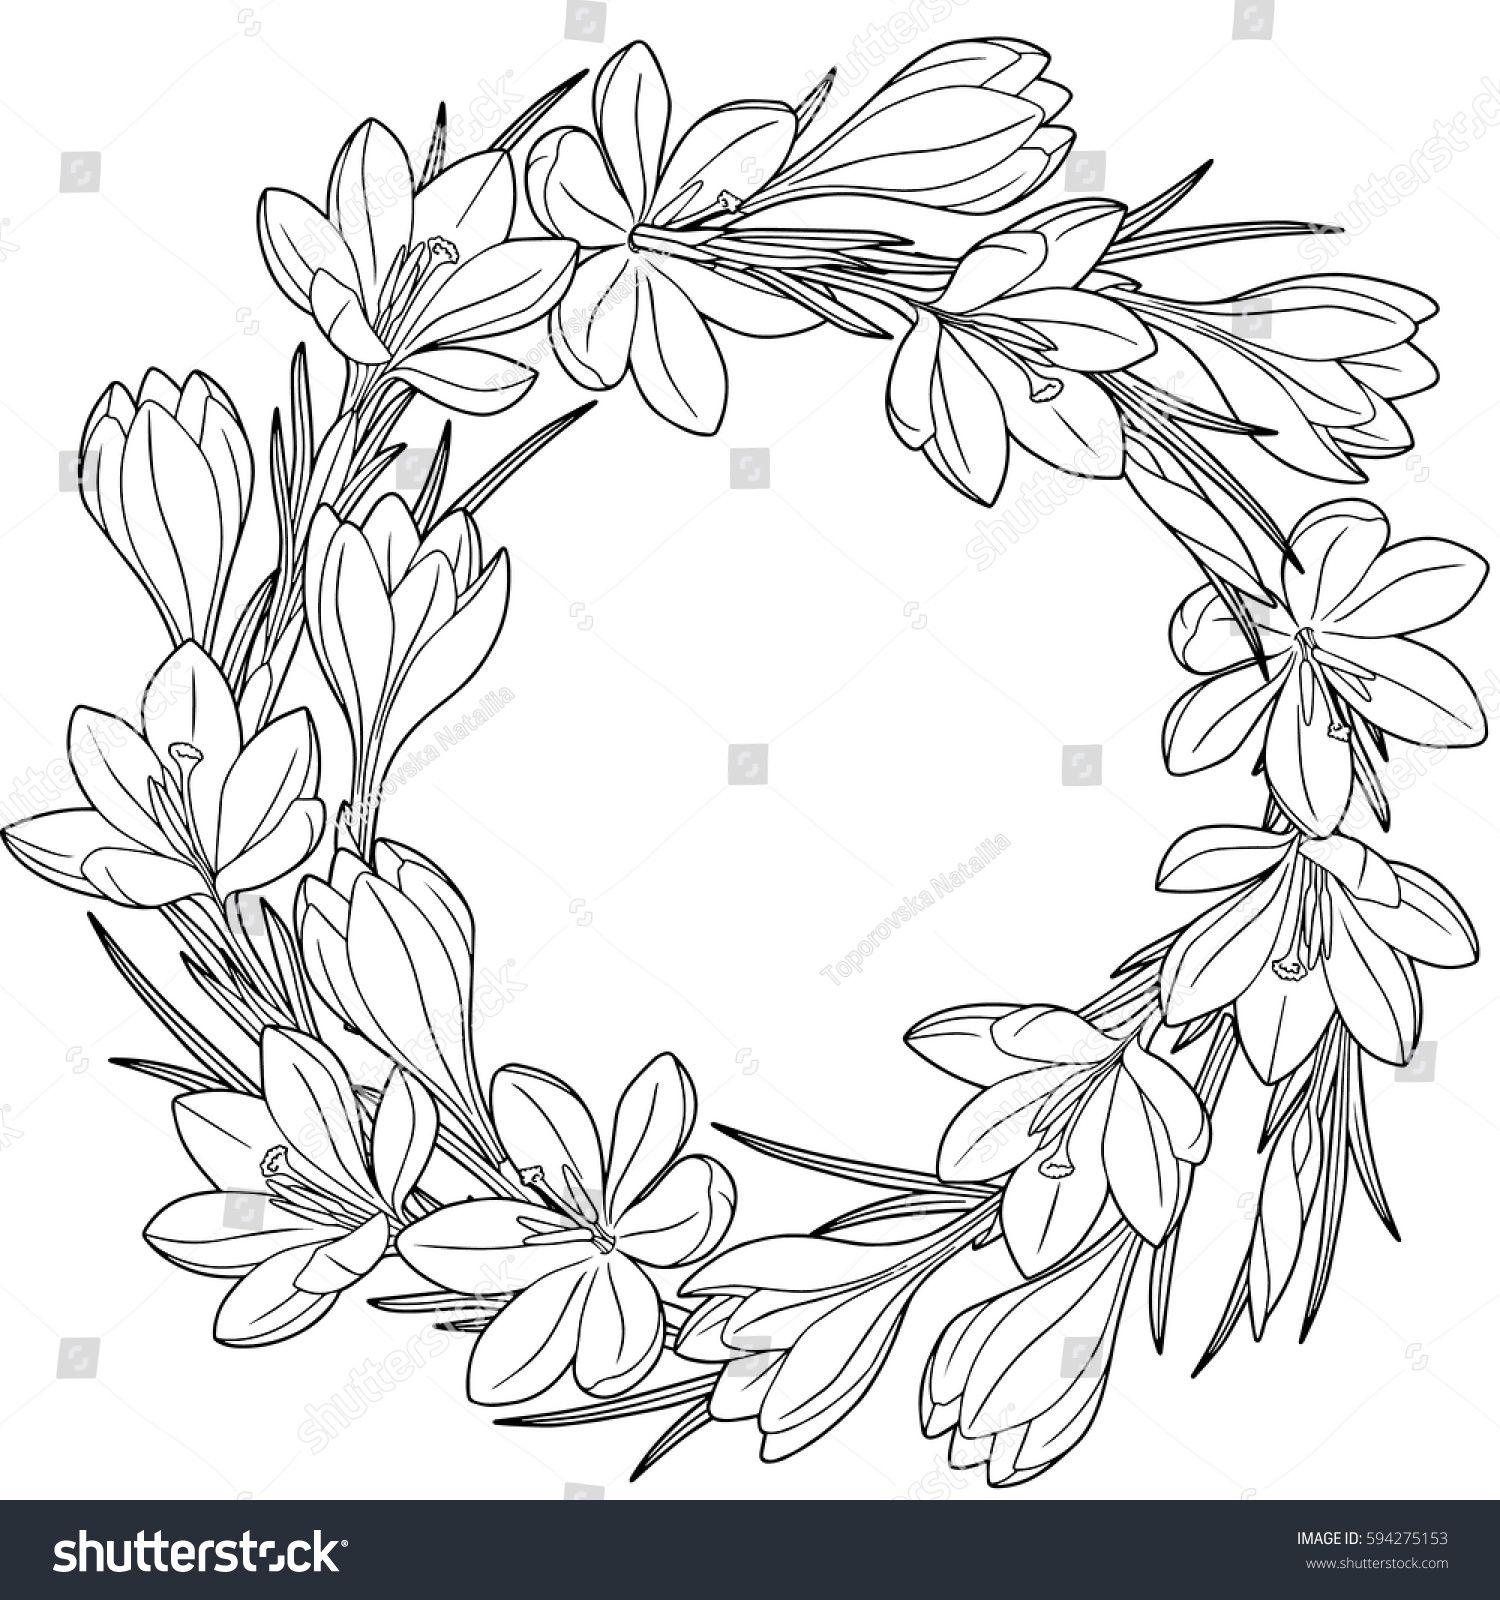 Photo of Стоковая векторная графика «Spring Flower Wreath Crocuses Vector Isolated» (без лицензионных платежей), 594275153